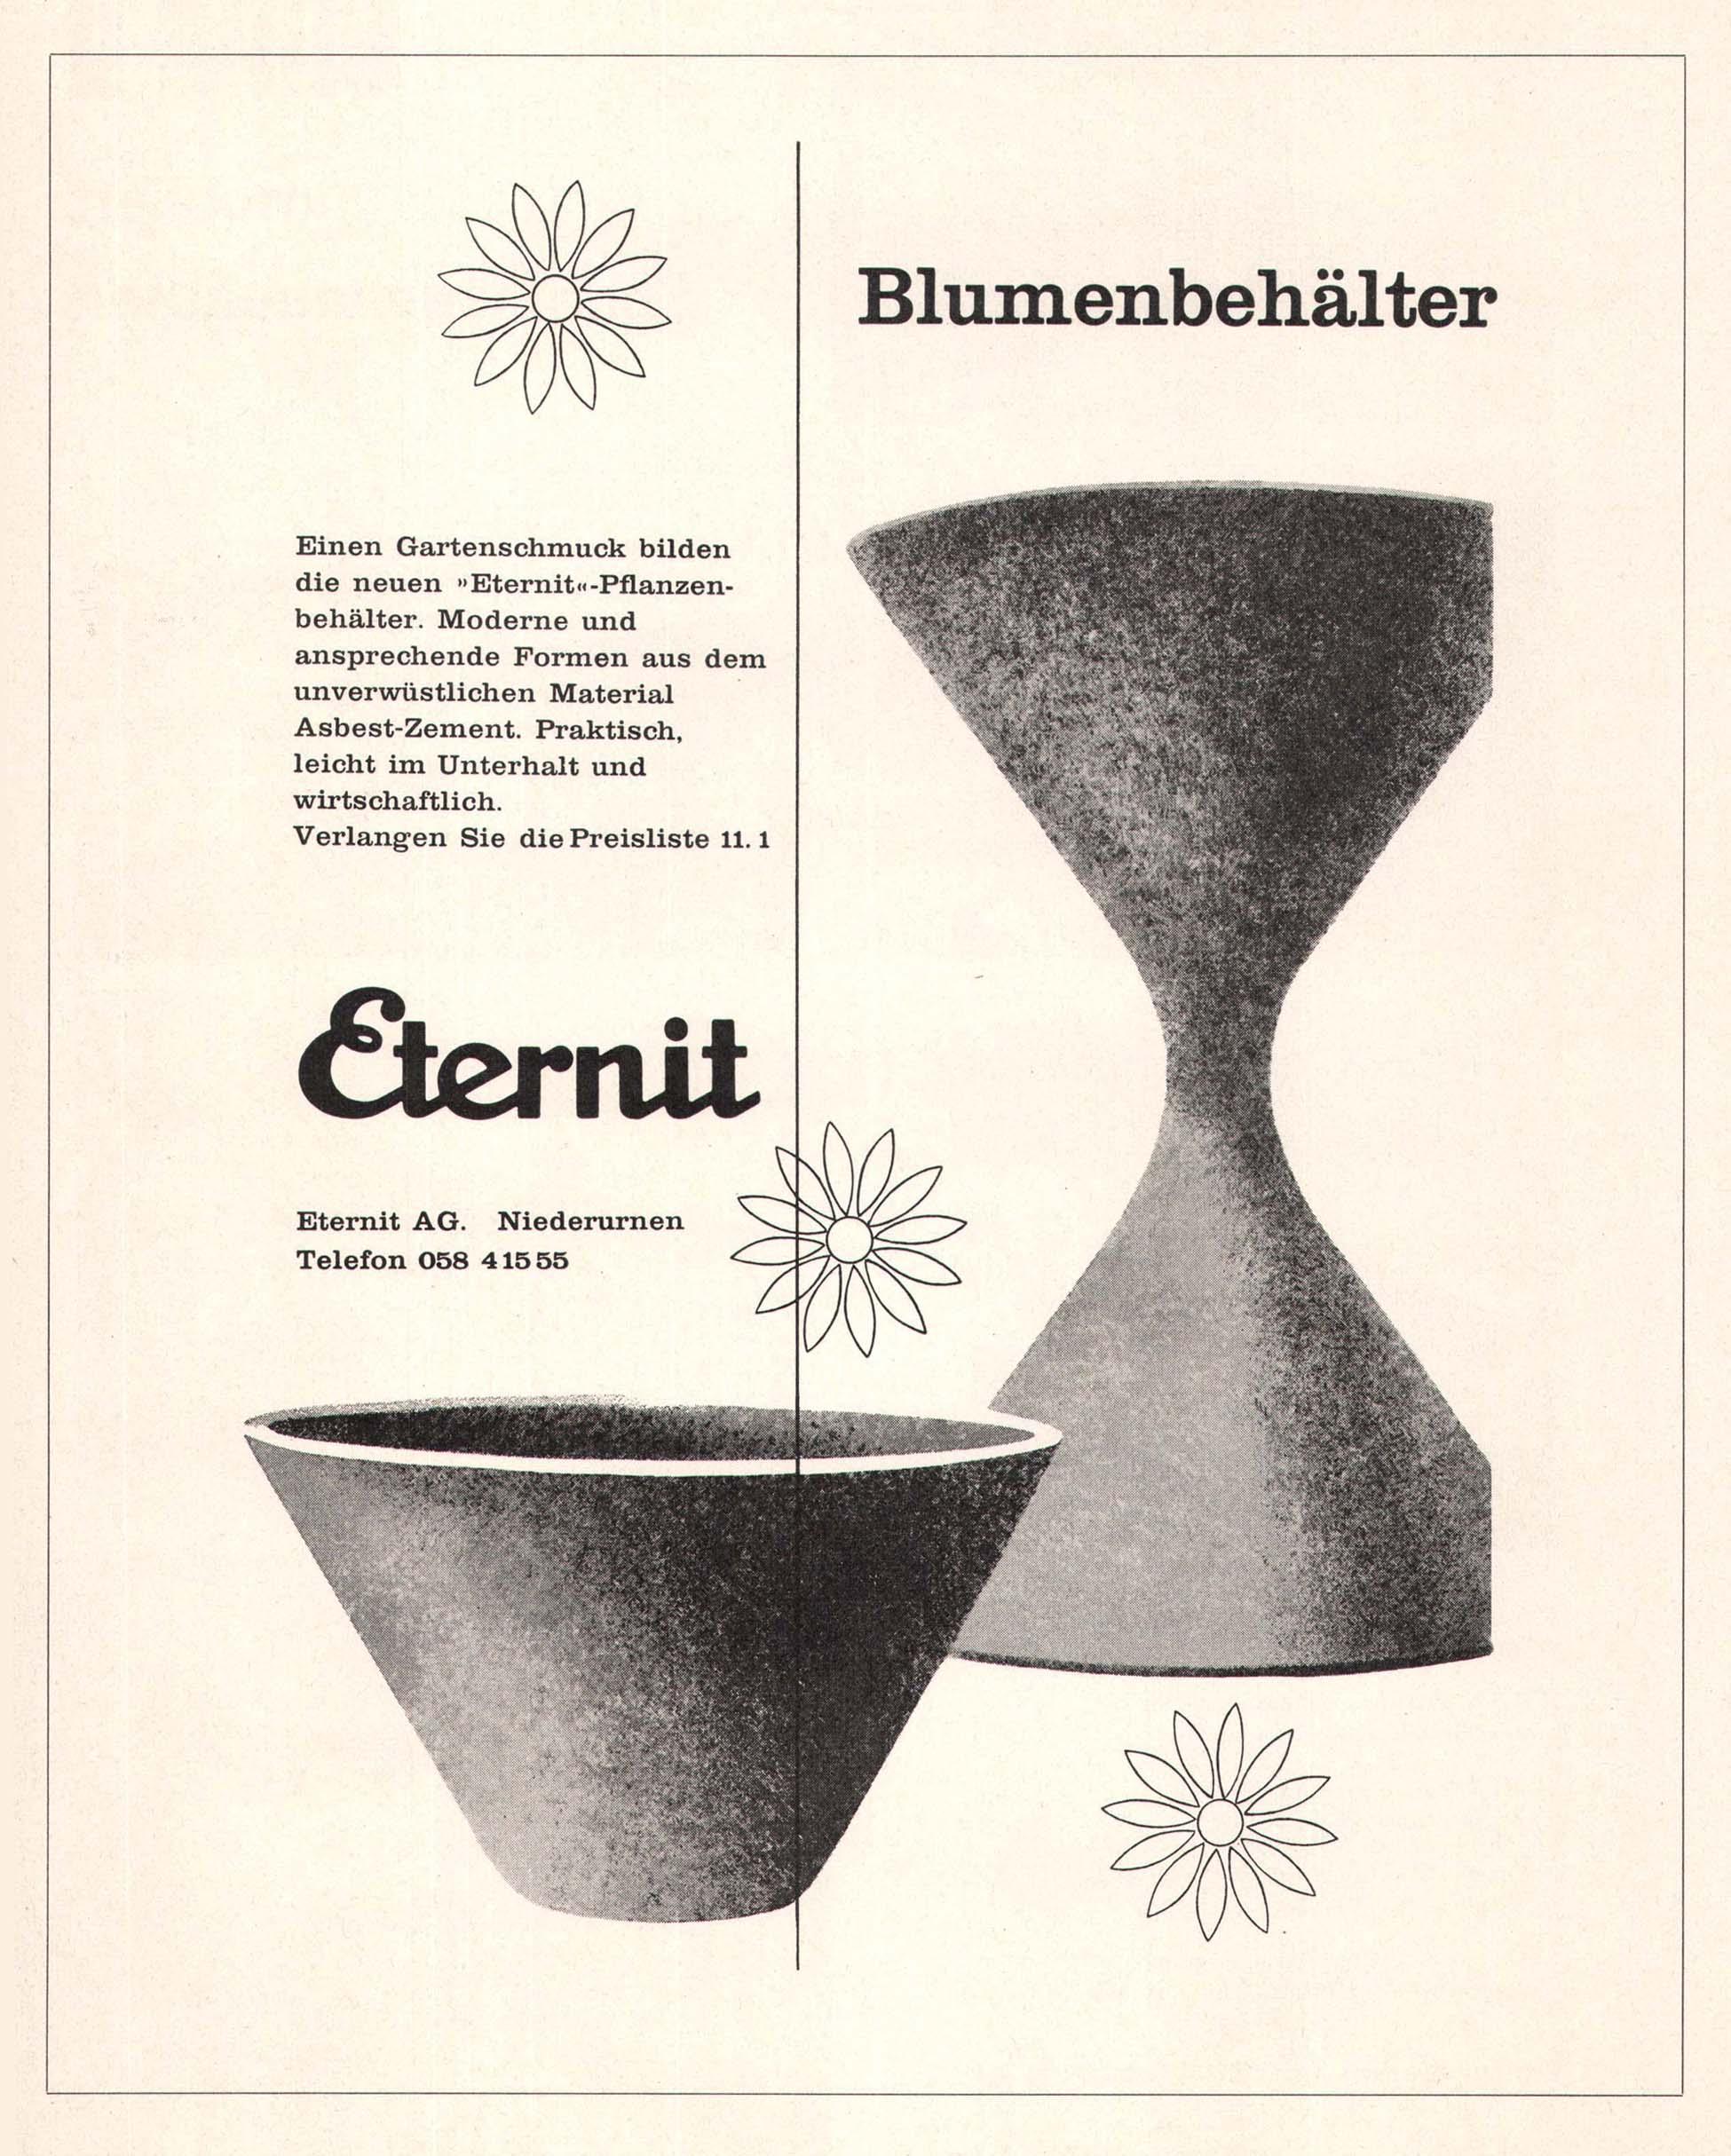 mobilier de jardin vintage Suisse en Eternit fibrociment